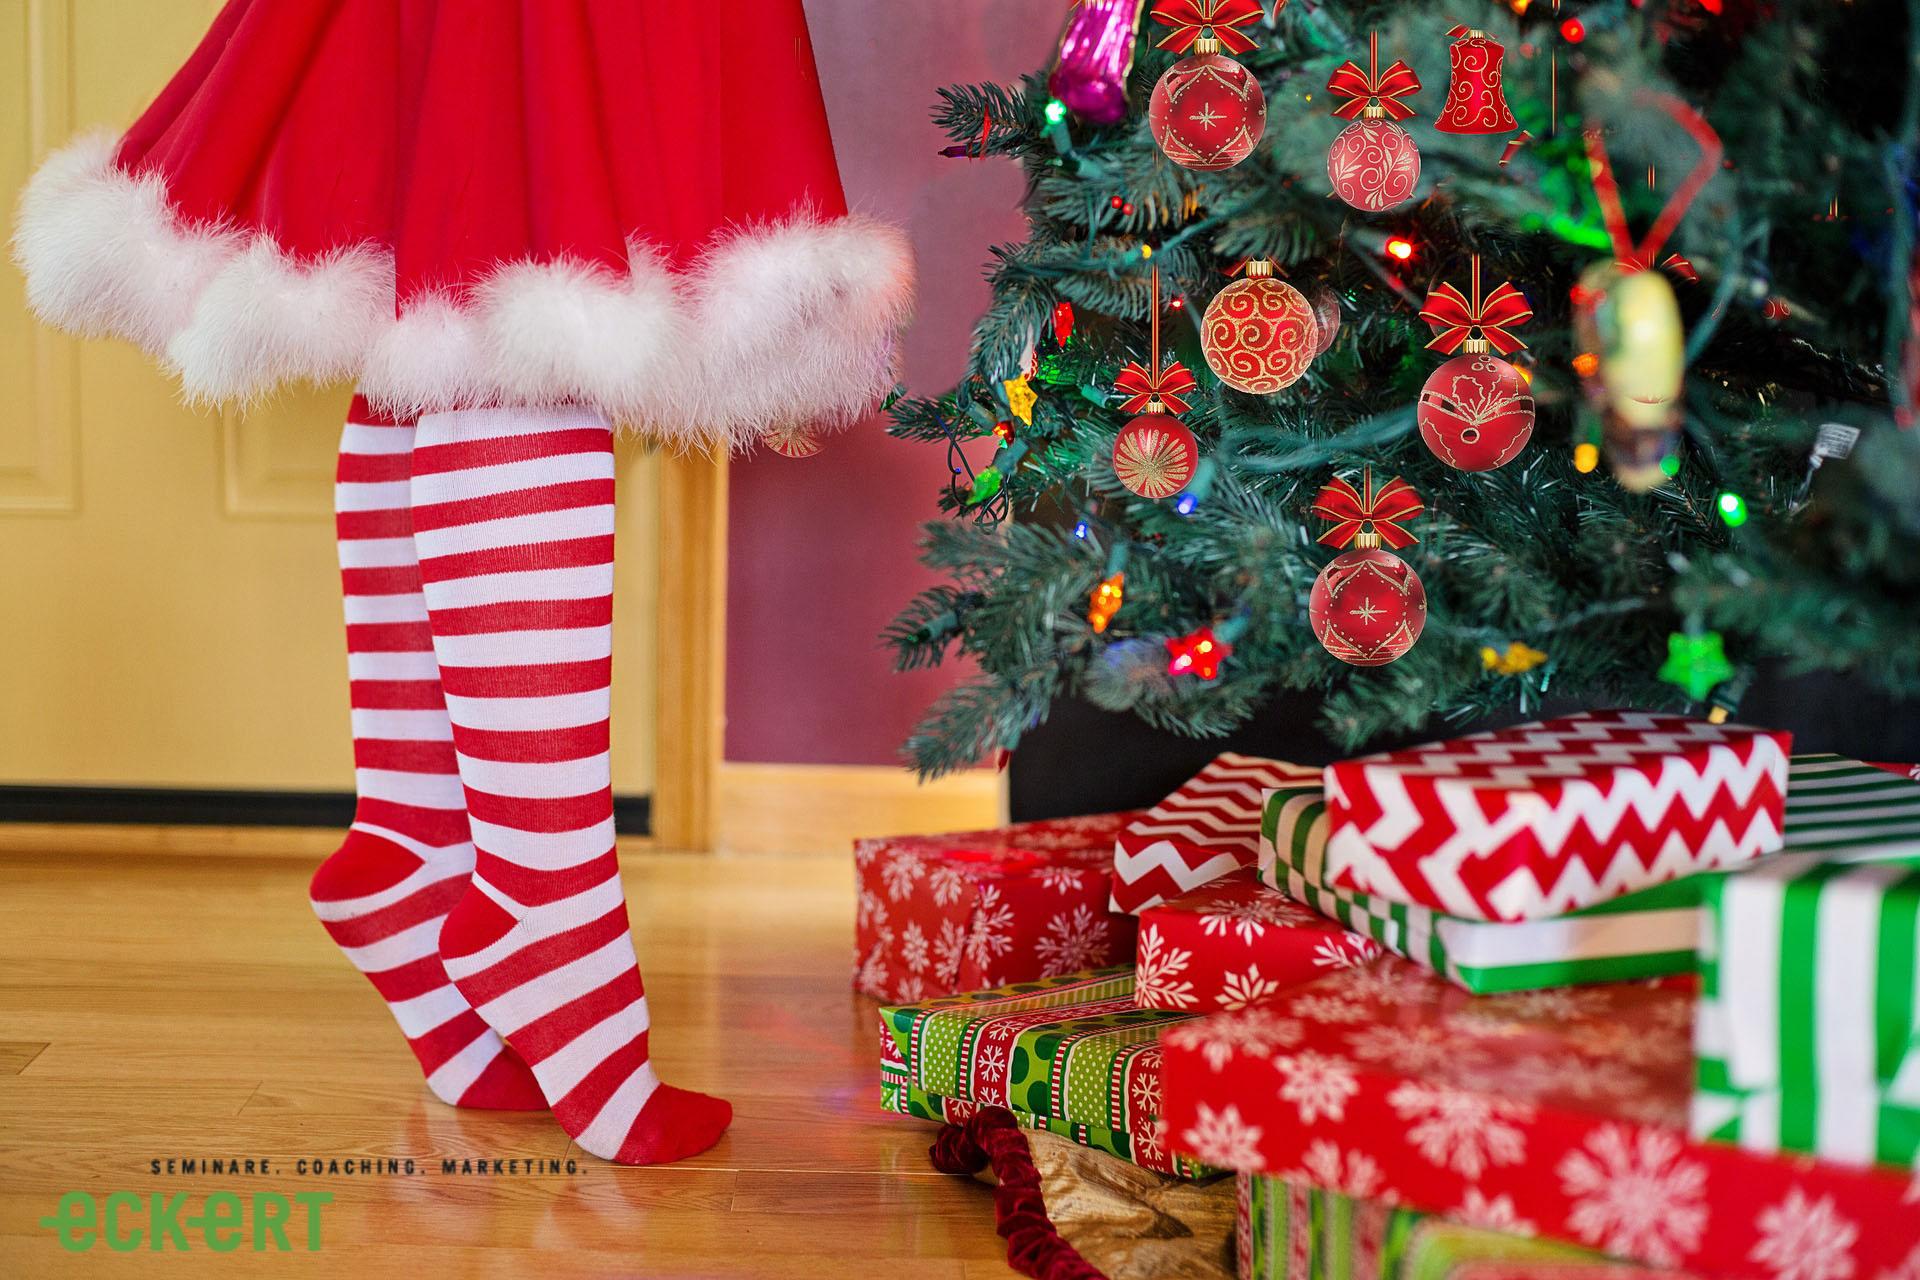 Wir wünschen einen schönen 1. Weihnachtsfeiertag!